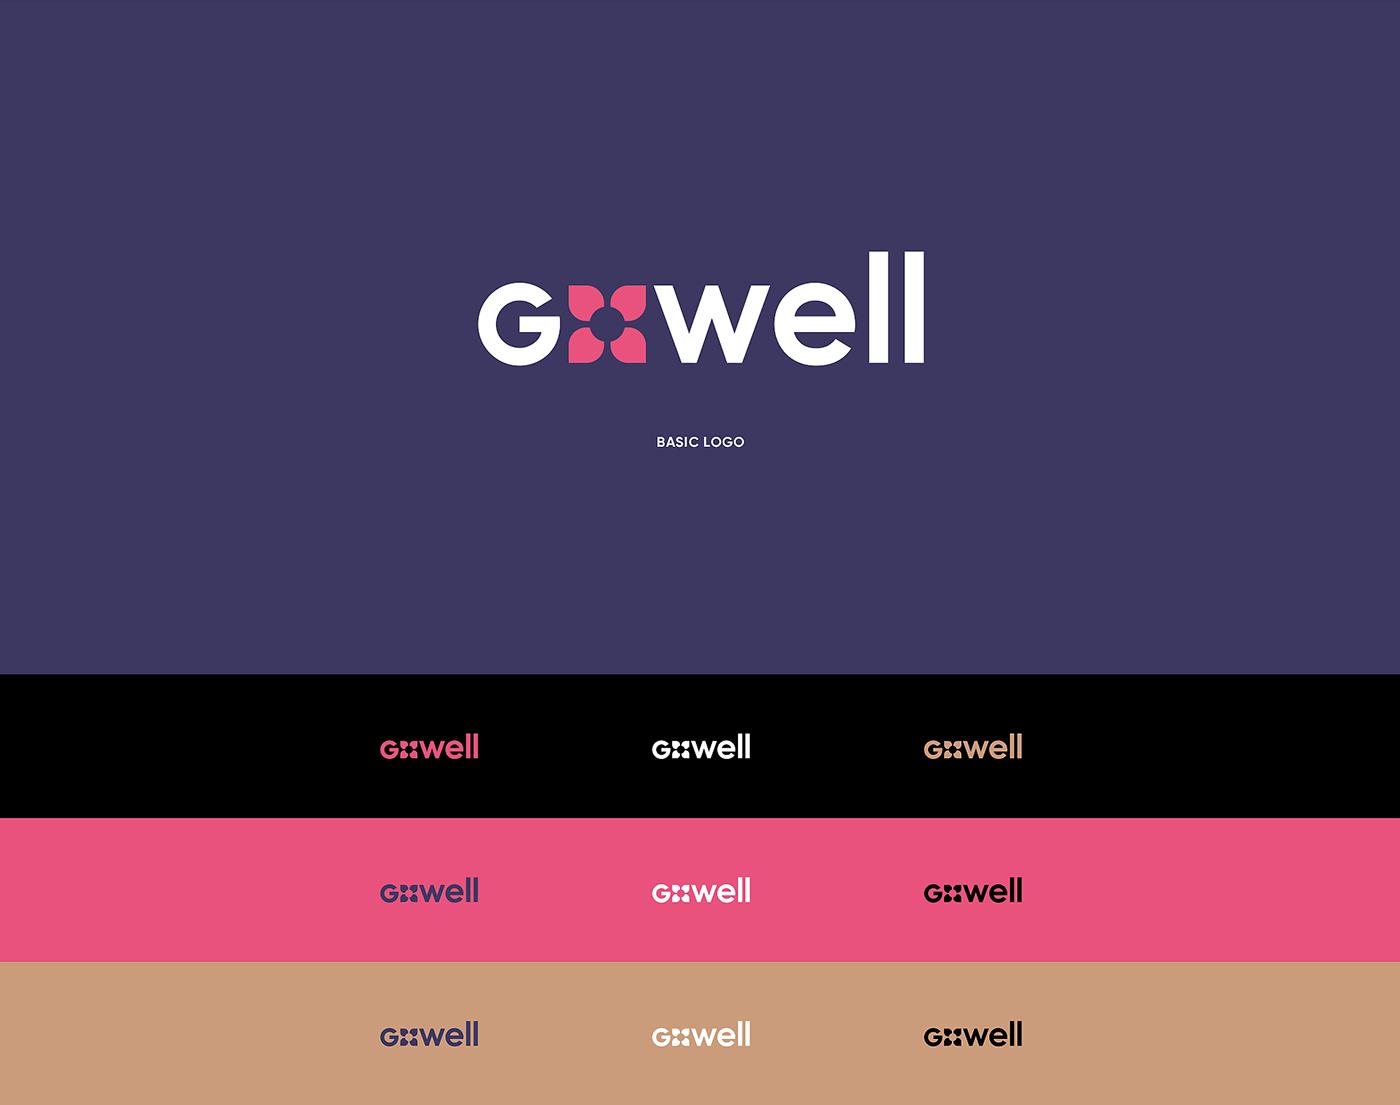 GWELL房地产品牌升级 欣赏-第2张